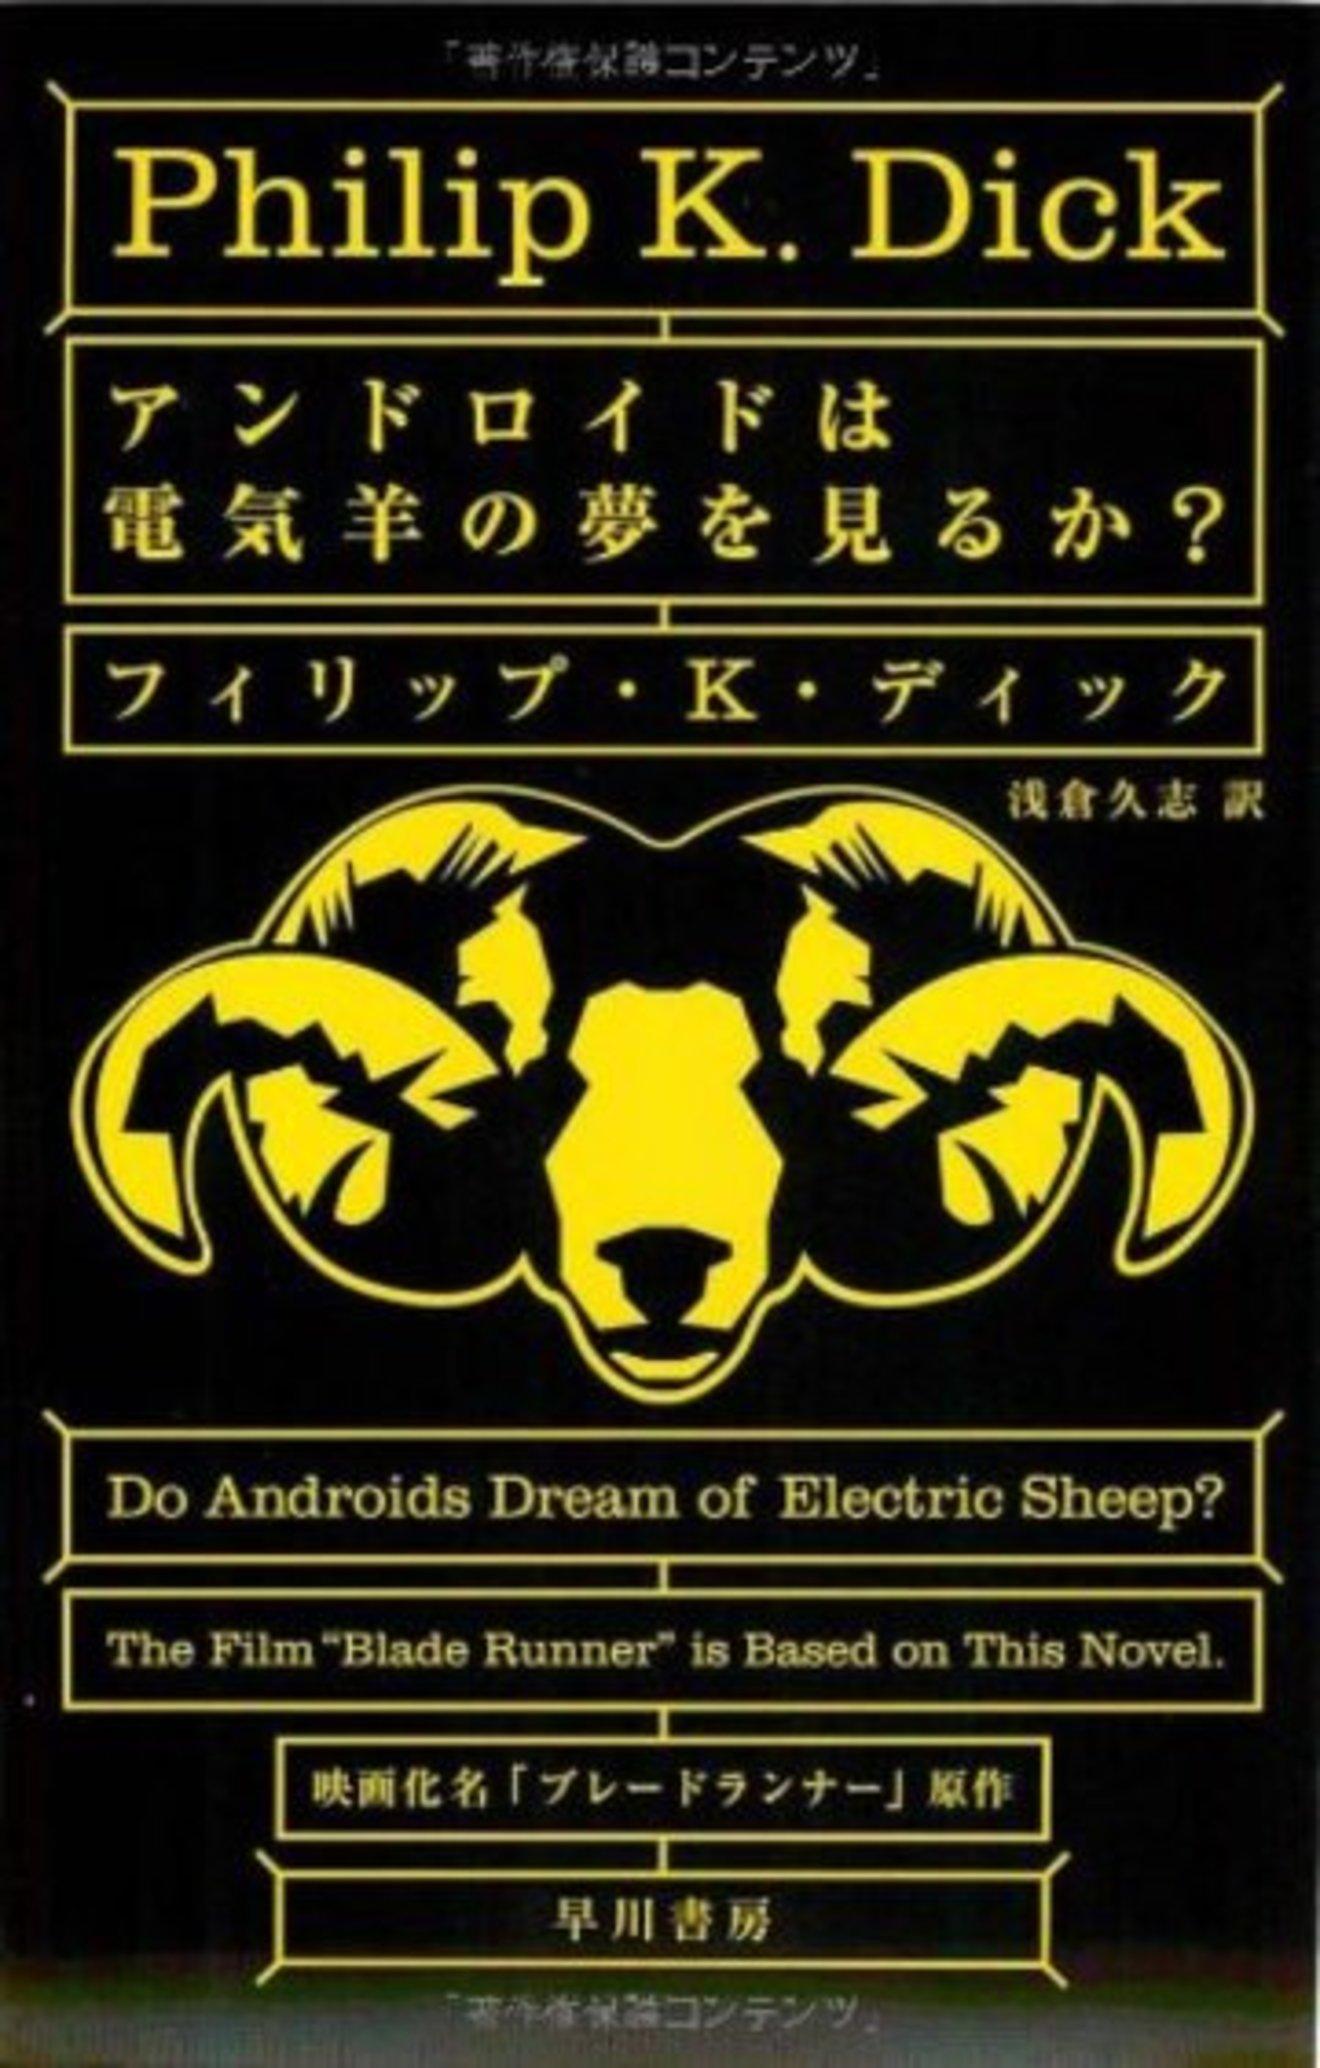 名作『アンドロイドは電気羊の夢を見るか?』の6つの考察!【ネタバレ注意】